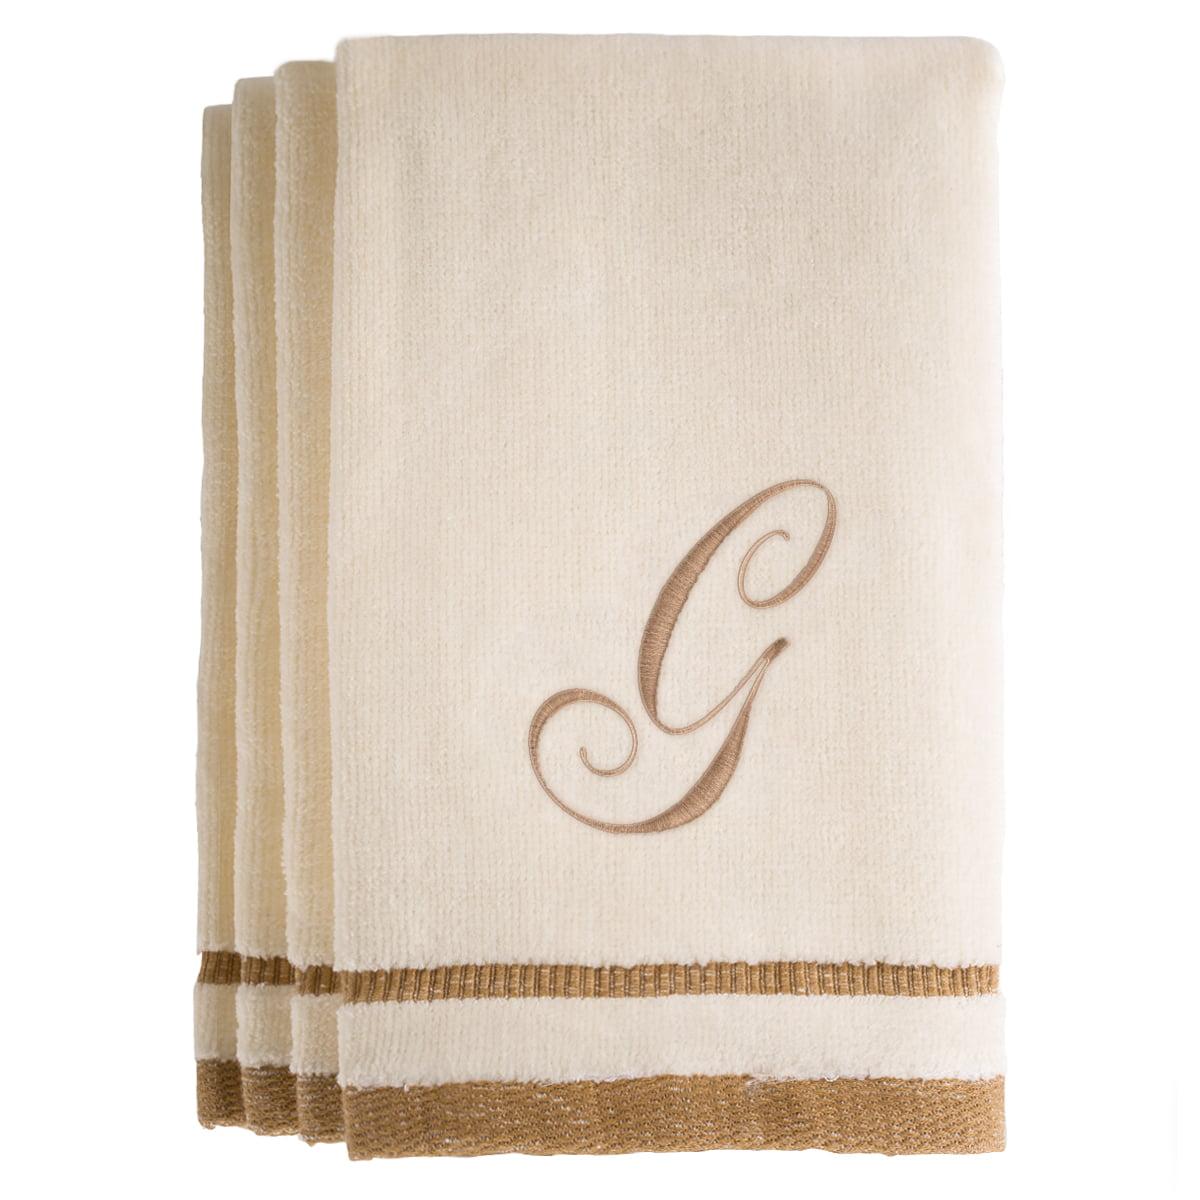 Monogrammed Ivory Fingertip Towels Set of 4